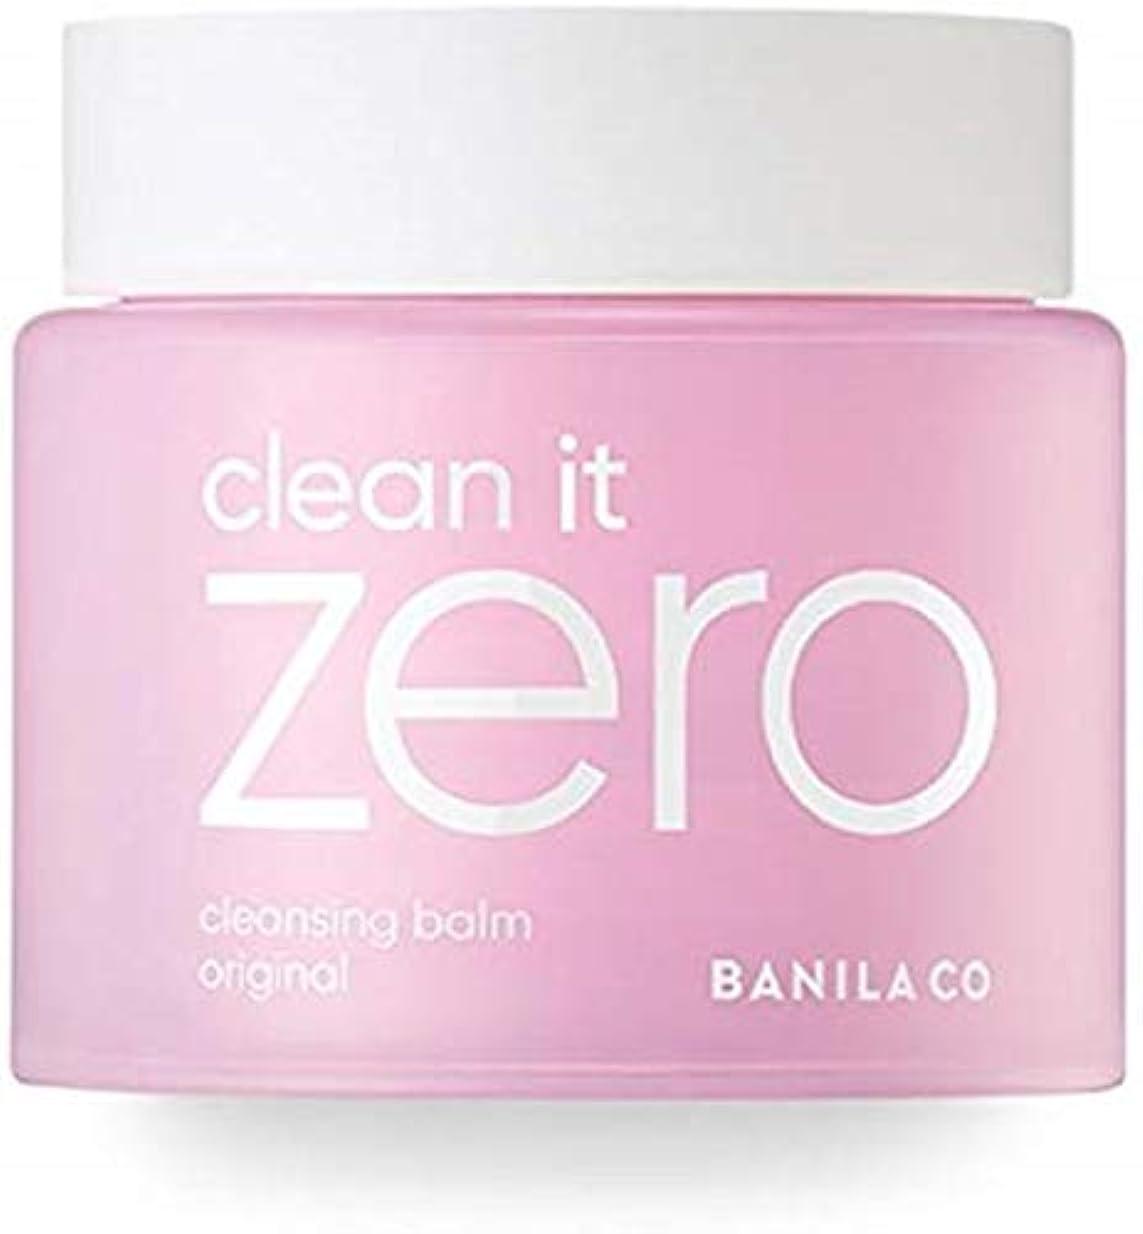 ジャベスウィルソン怒るそれるBanila co(バニラコー)clean it Zero クリーンイットゼロ 大容量 180ml(刺激のないシャーベットジェルタイプのクレンジング)